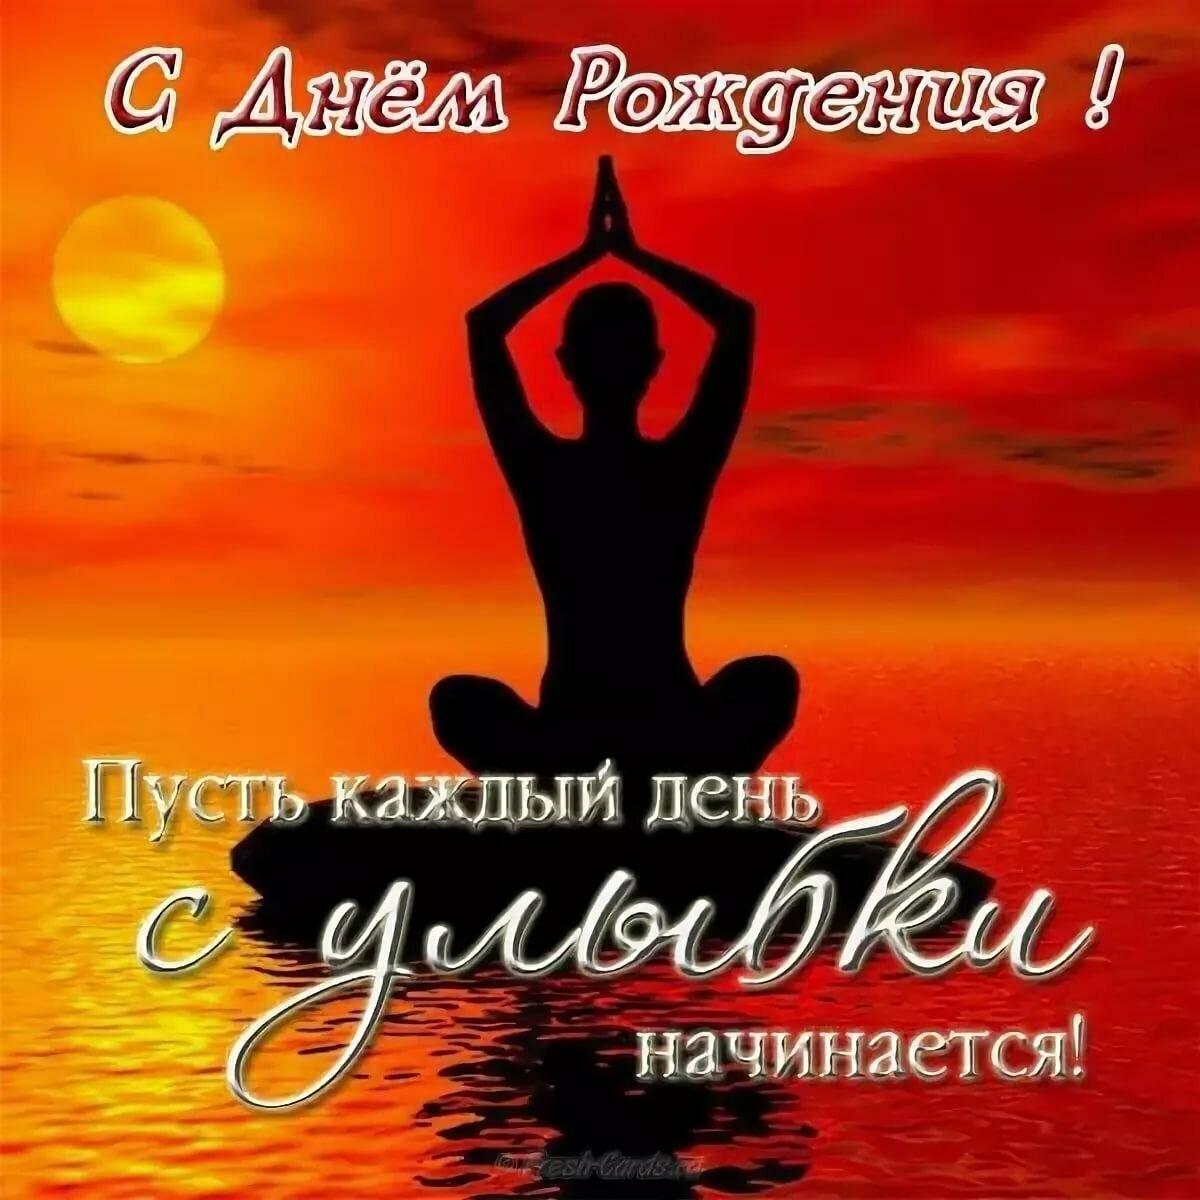 Поздравления с днем рождения йогу картинки